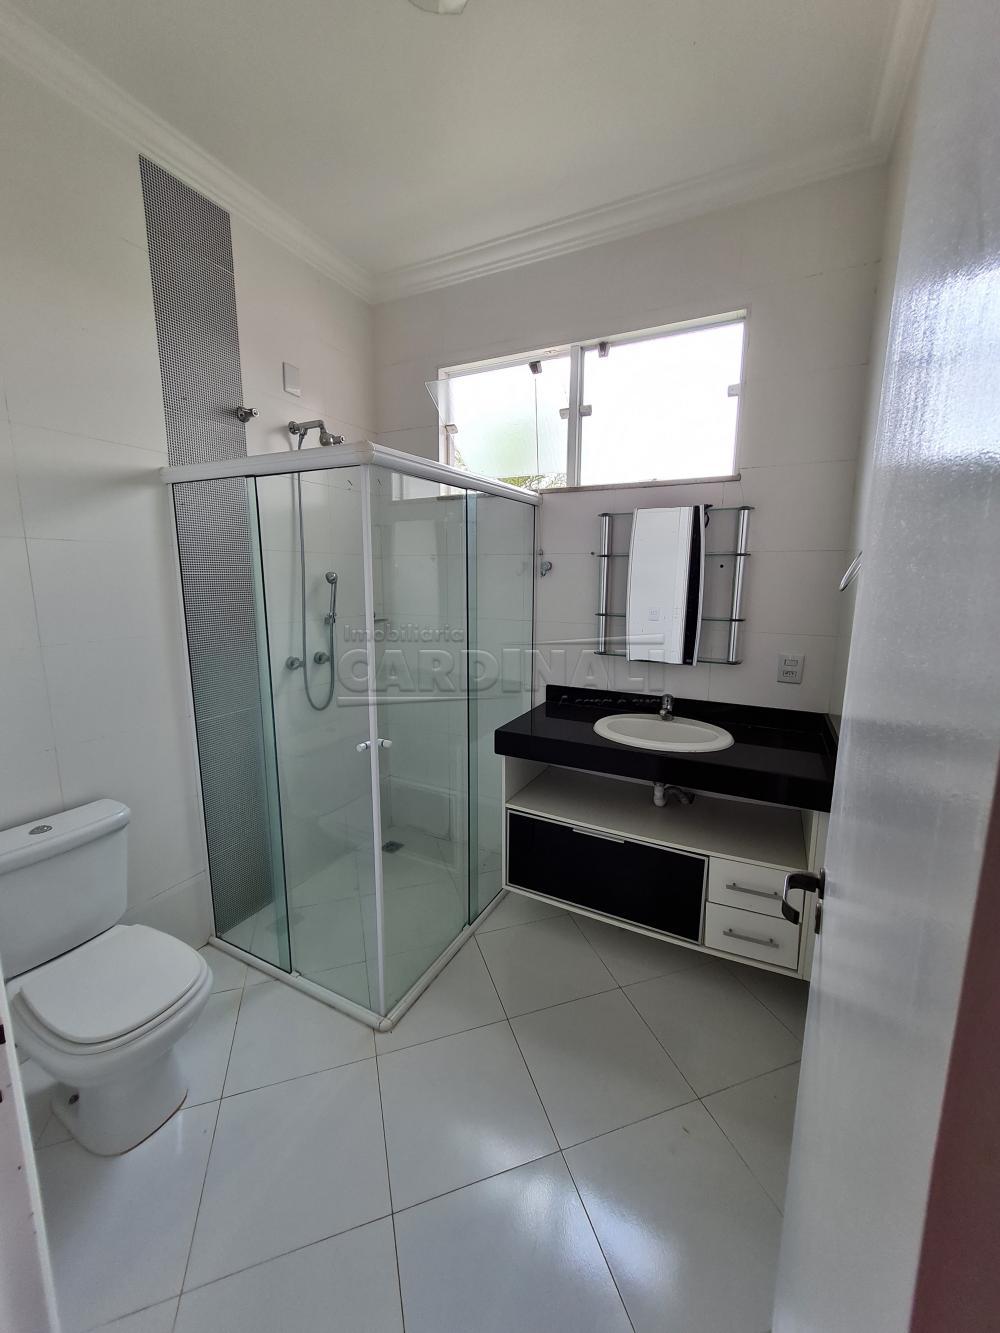 Comprar Casa / Condomínio em São Carlos R$ 865.000,00 - Foto 4